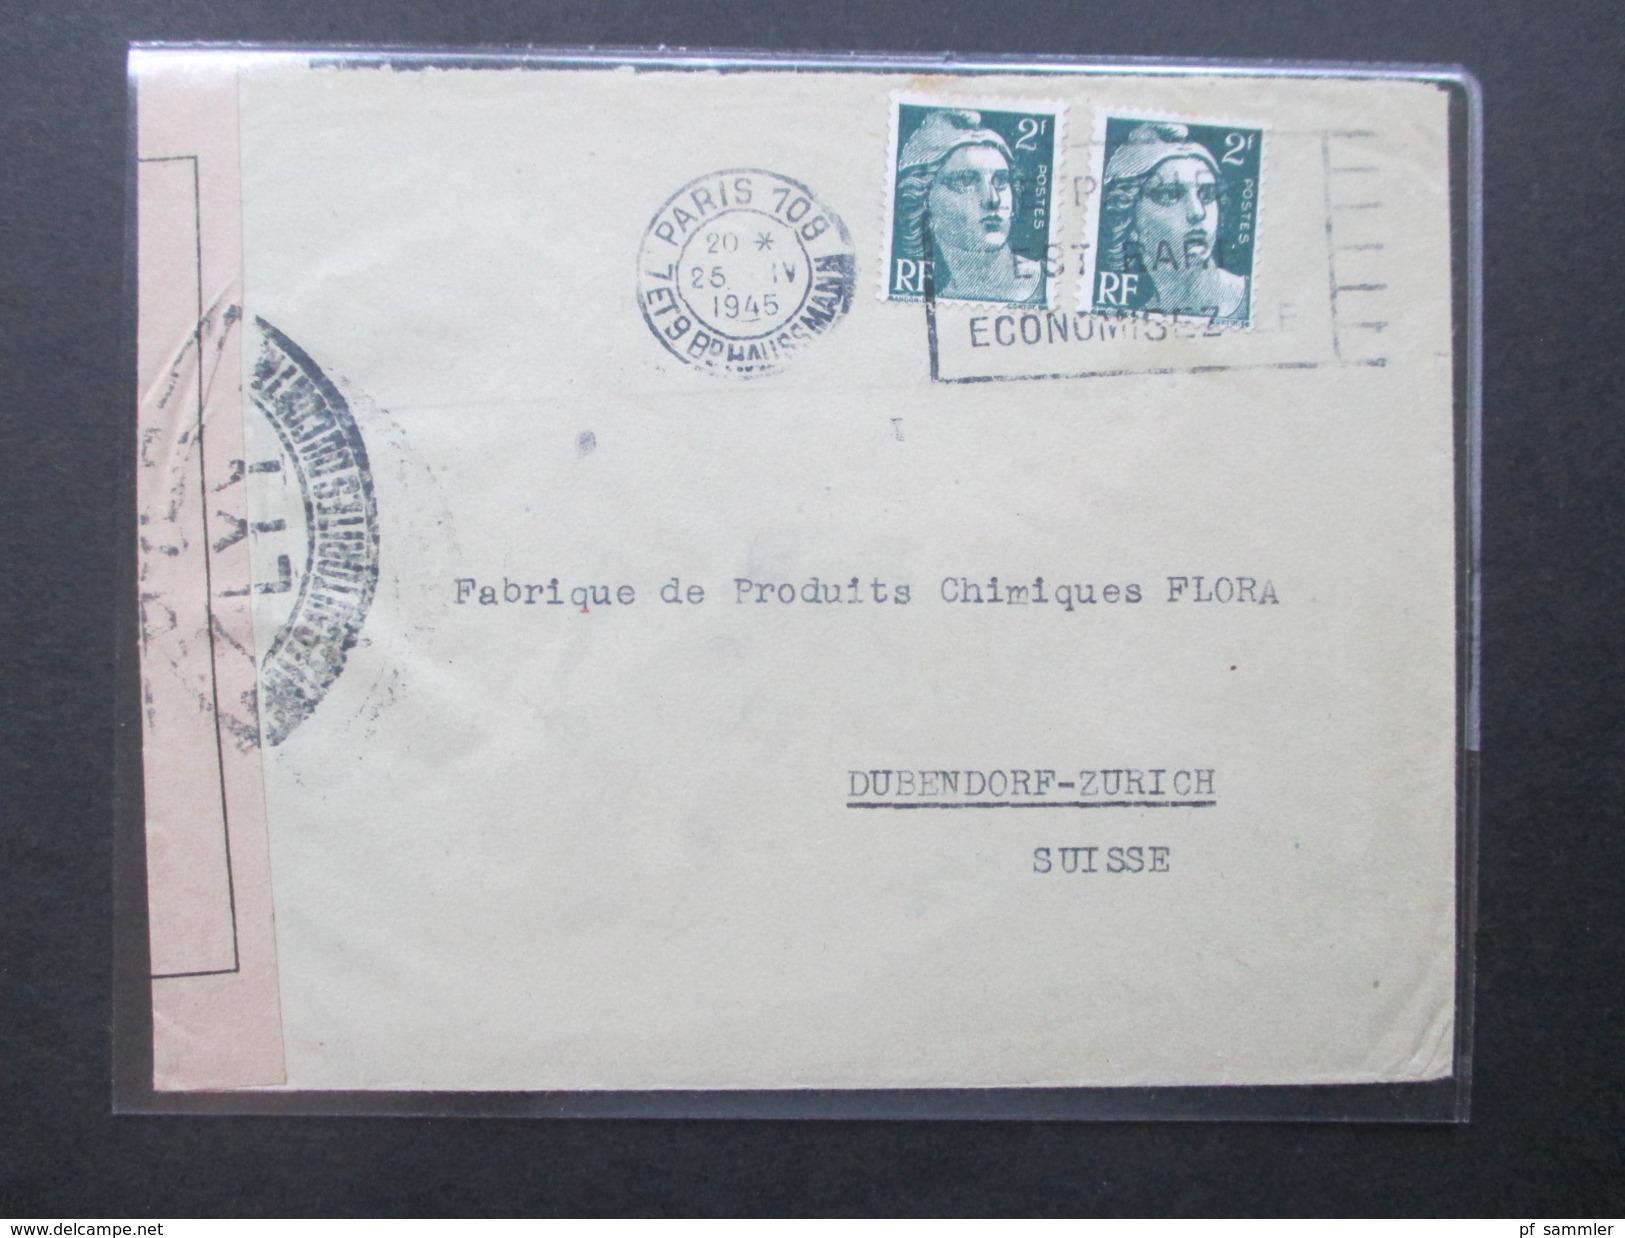 Frankreich 2. WK Zensurpost Briefe Ins Ausland / Mehrfachzensuren! 21 Interessante Belege! Auch 25.4.1945!! - Sammlungen (im Alben)